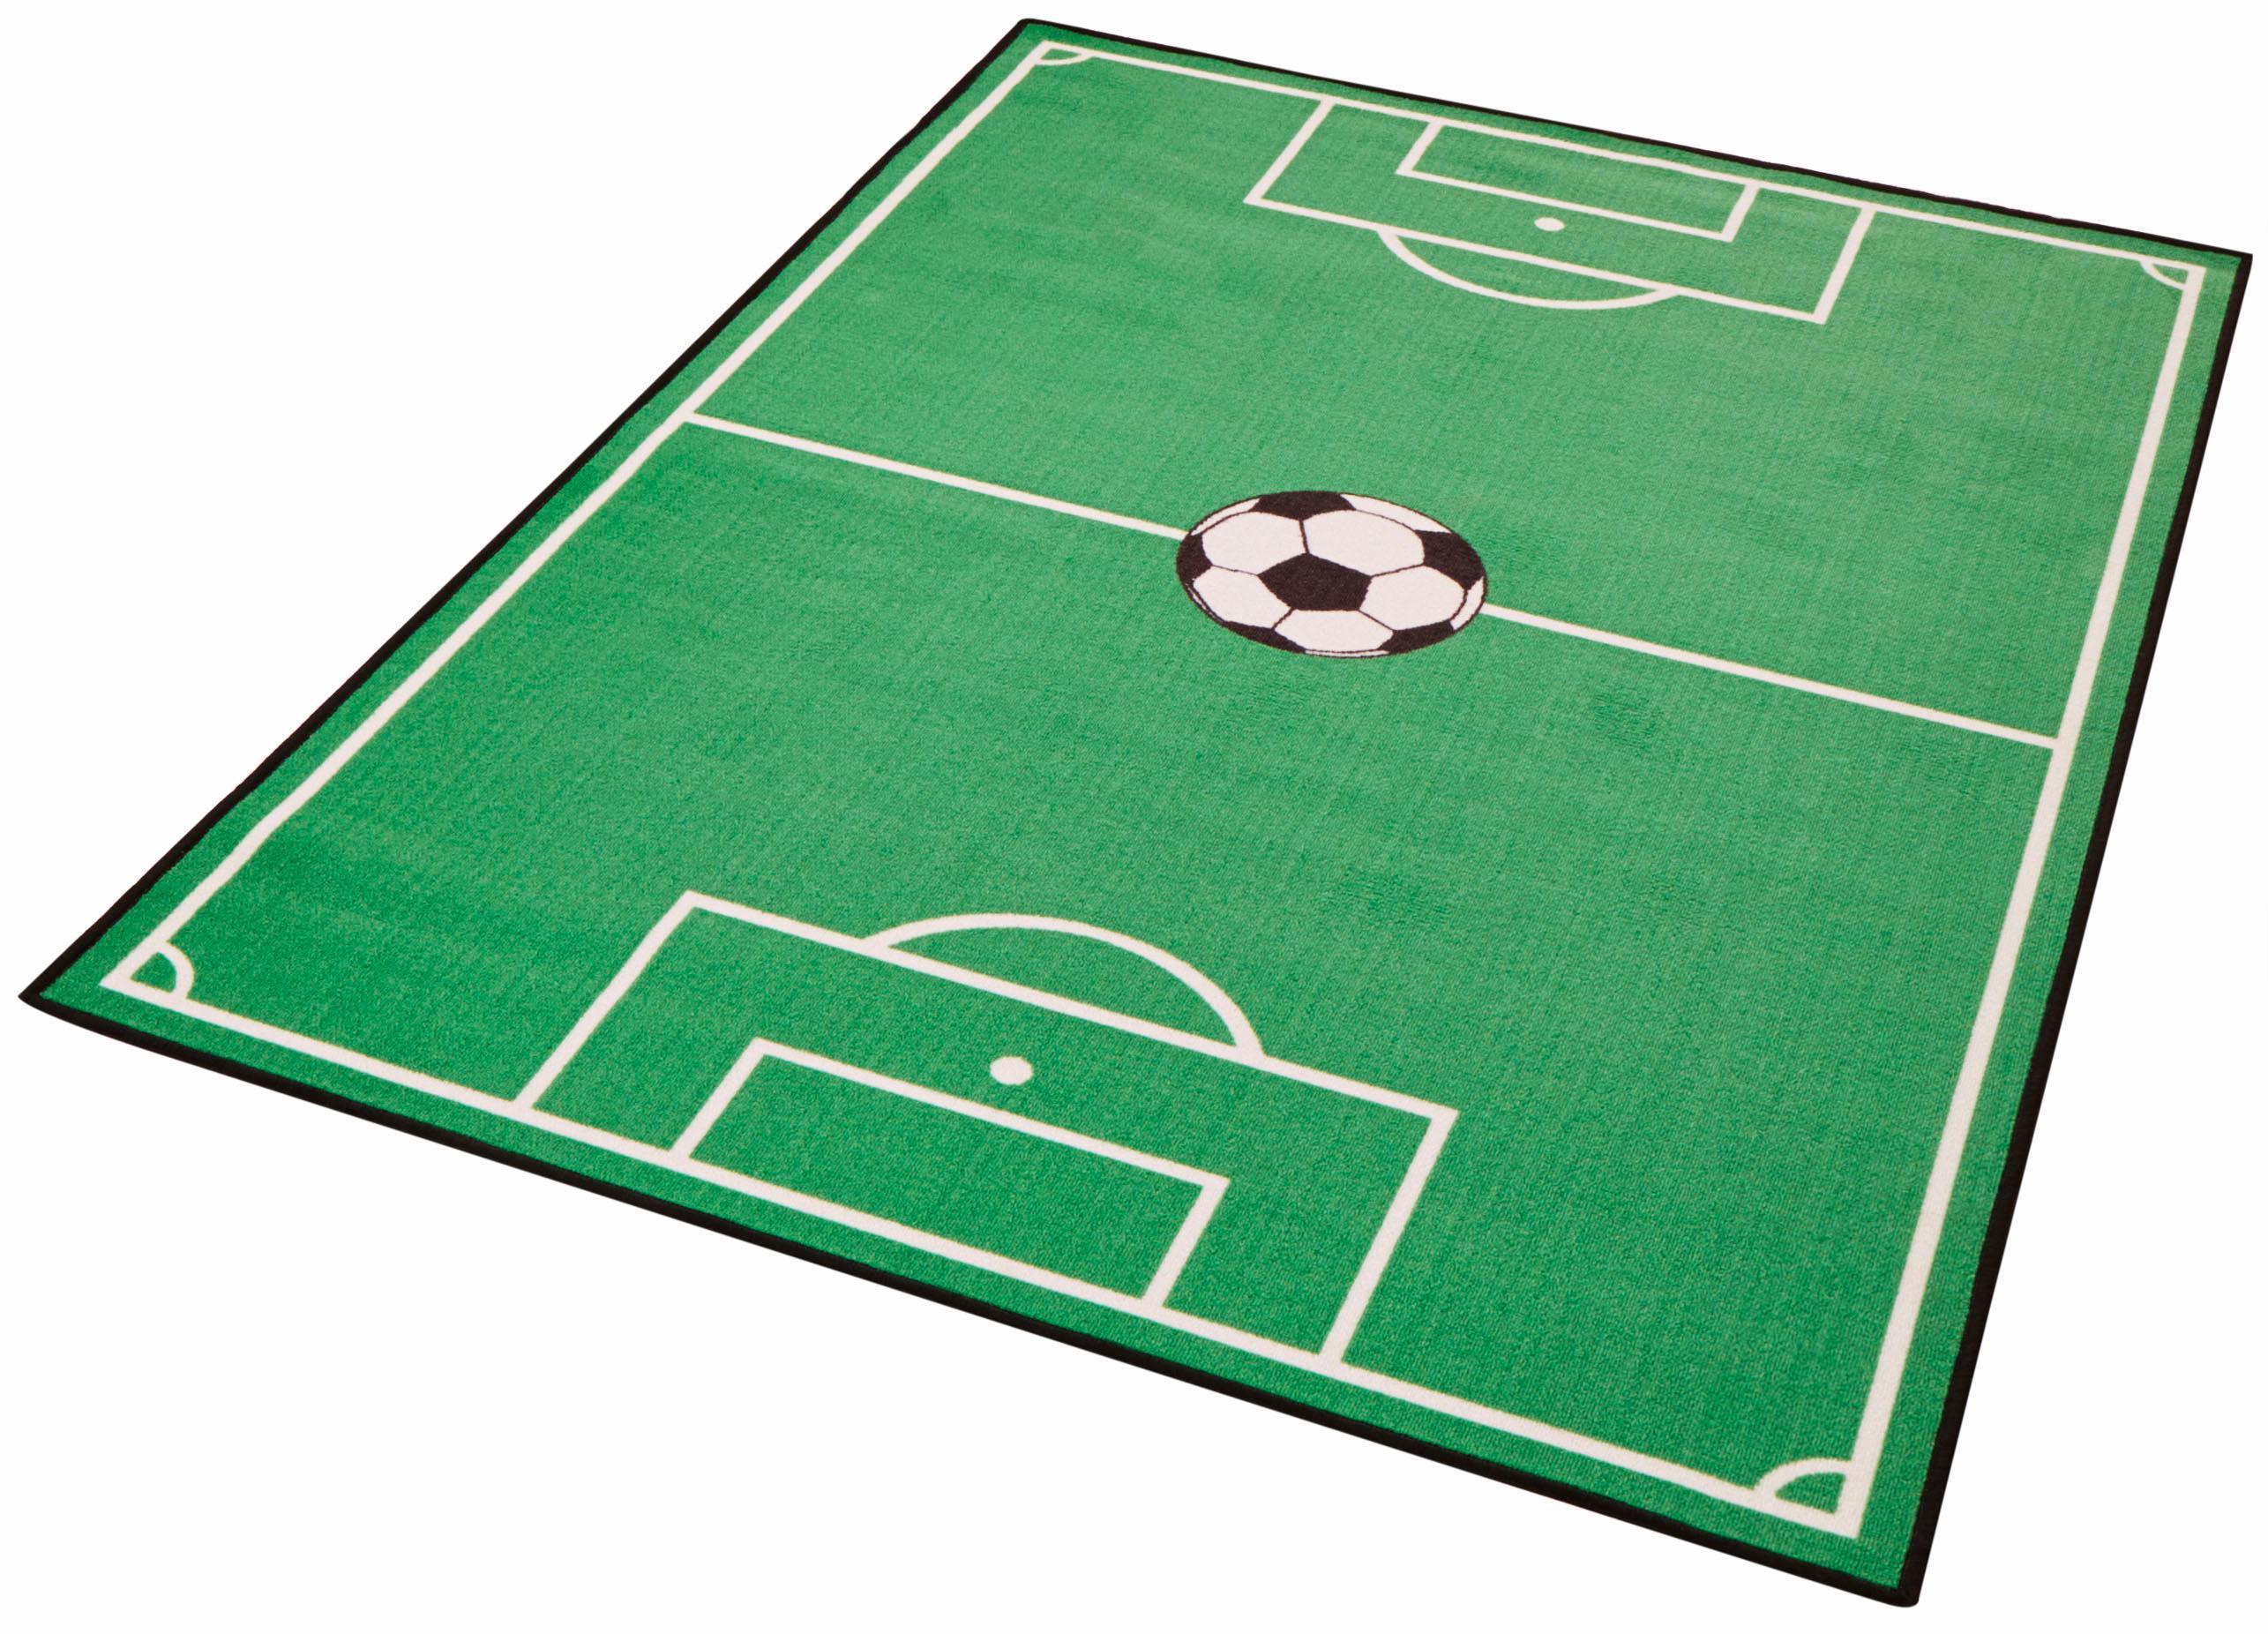 Zala Living Kinderteppich Fußballfeld 1, rechteckig, 8 mm Höhe, Kurzflor, Fußball Spielteppich grün Kinder Bunte Kinderteppiche Teppiche